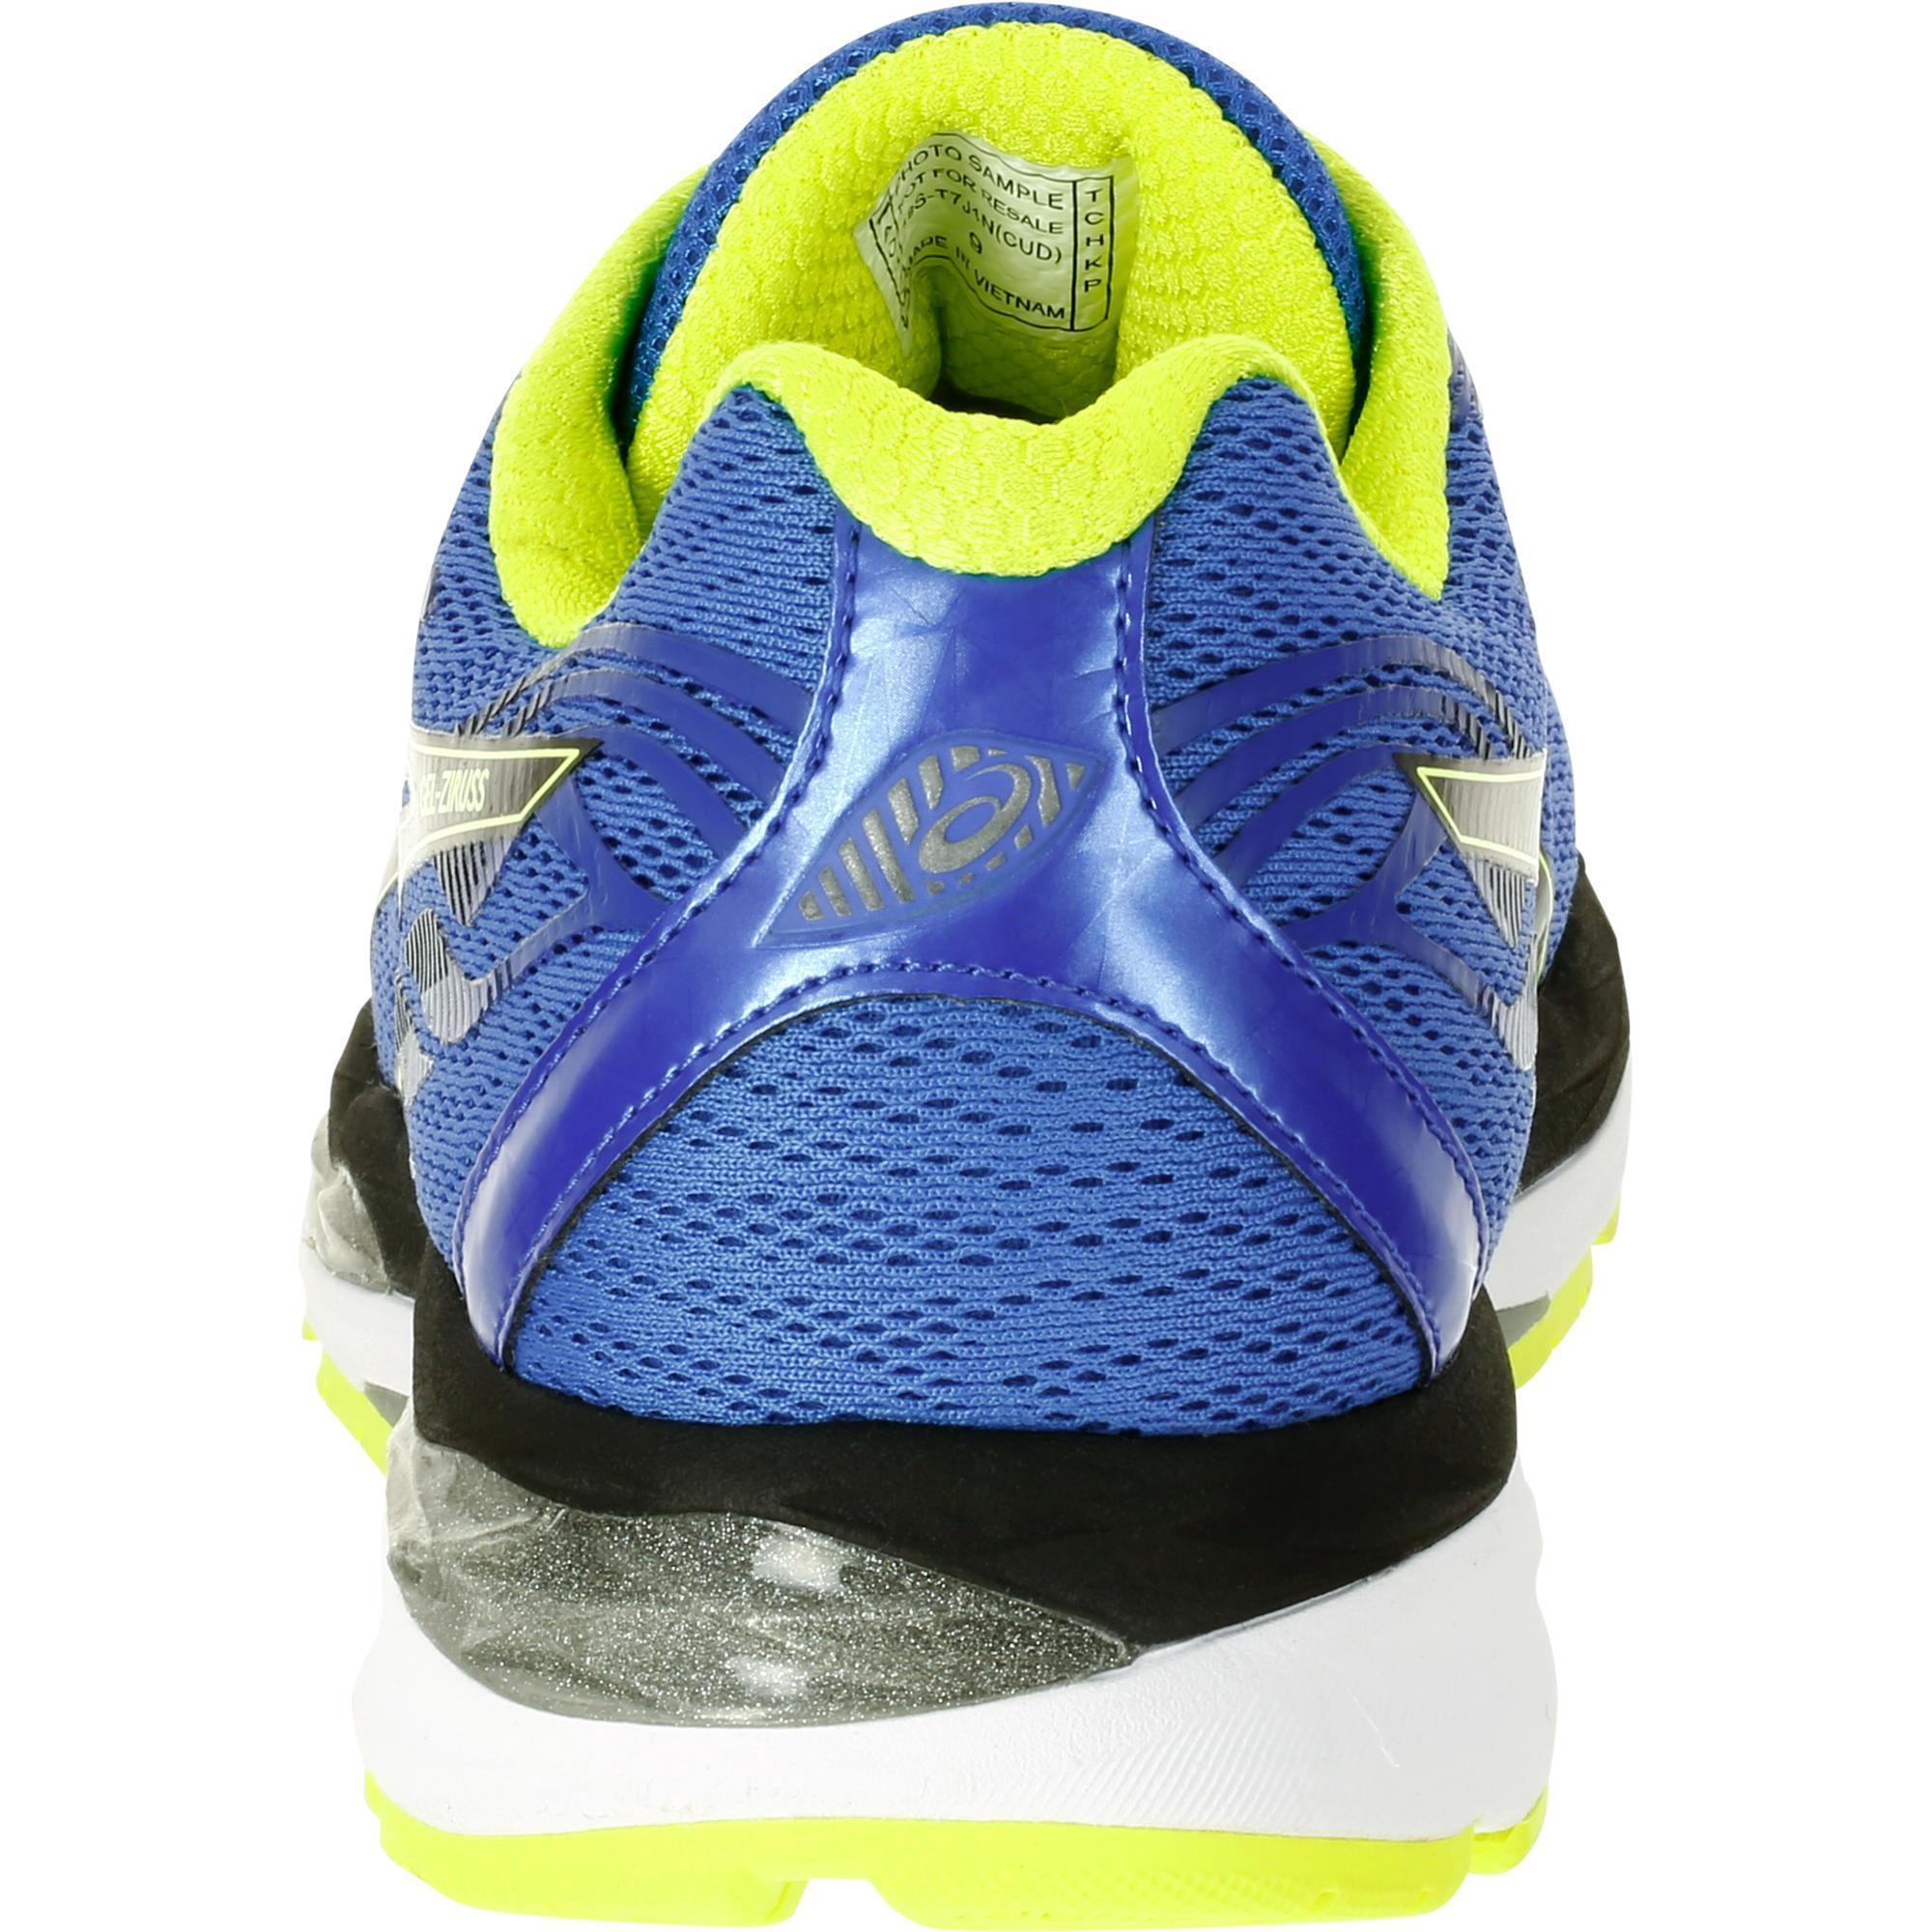 d1a298f77b Decathlon Homme Jaune Gel Ziruss Chaussures Asics Running Bleu pxrTpqw